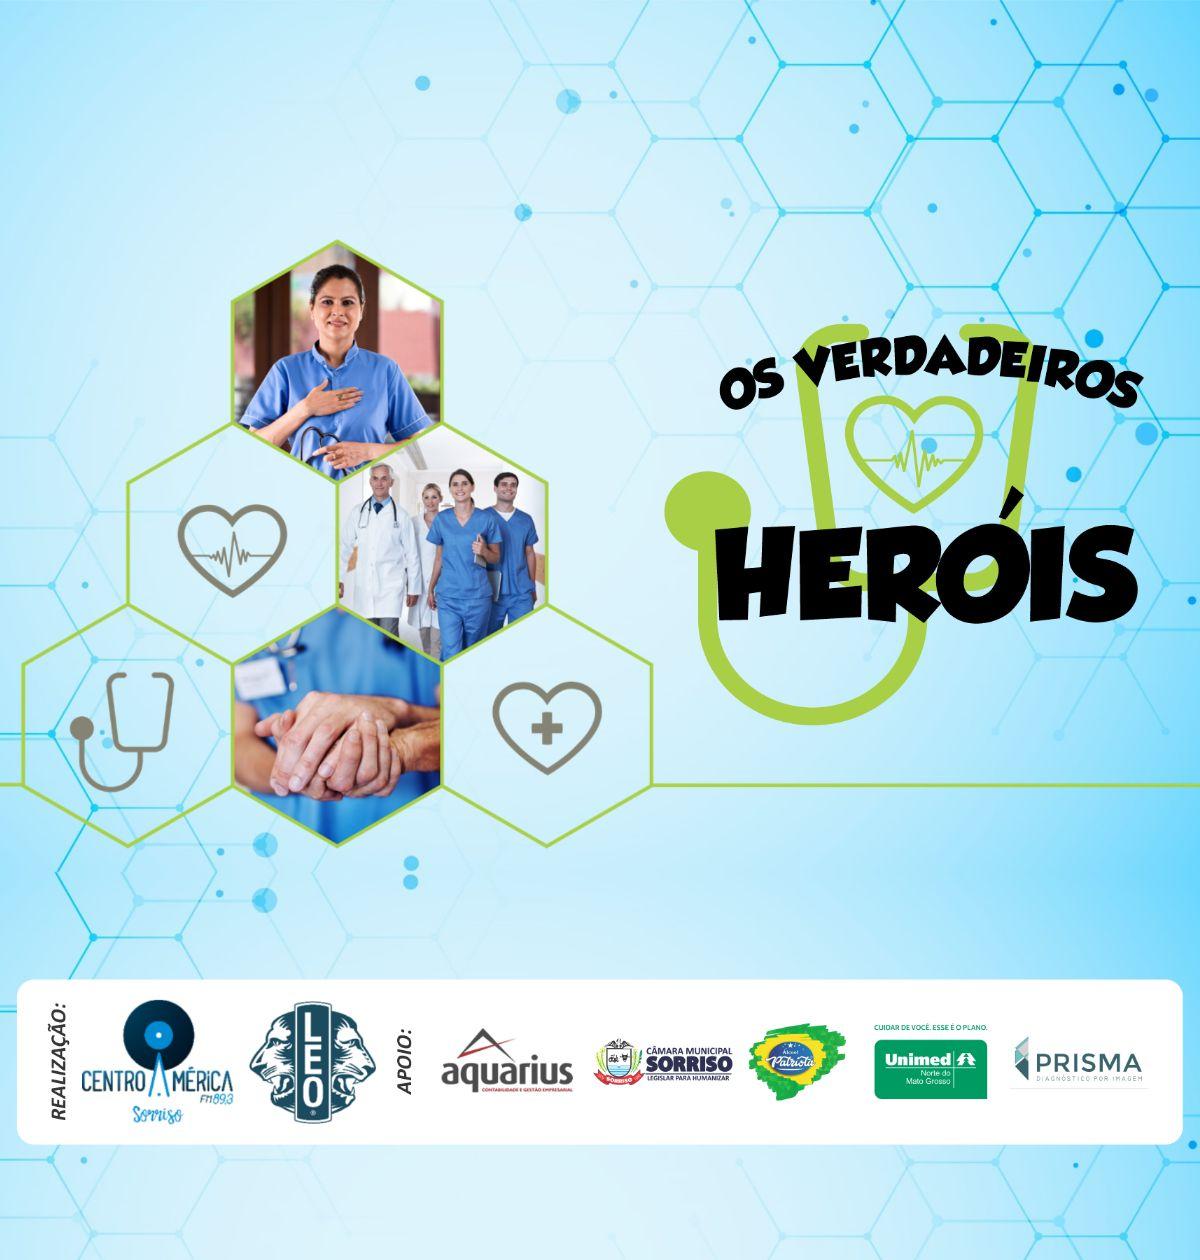 CAMPANHA - OS VERDADEIROS HERÓIS